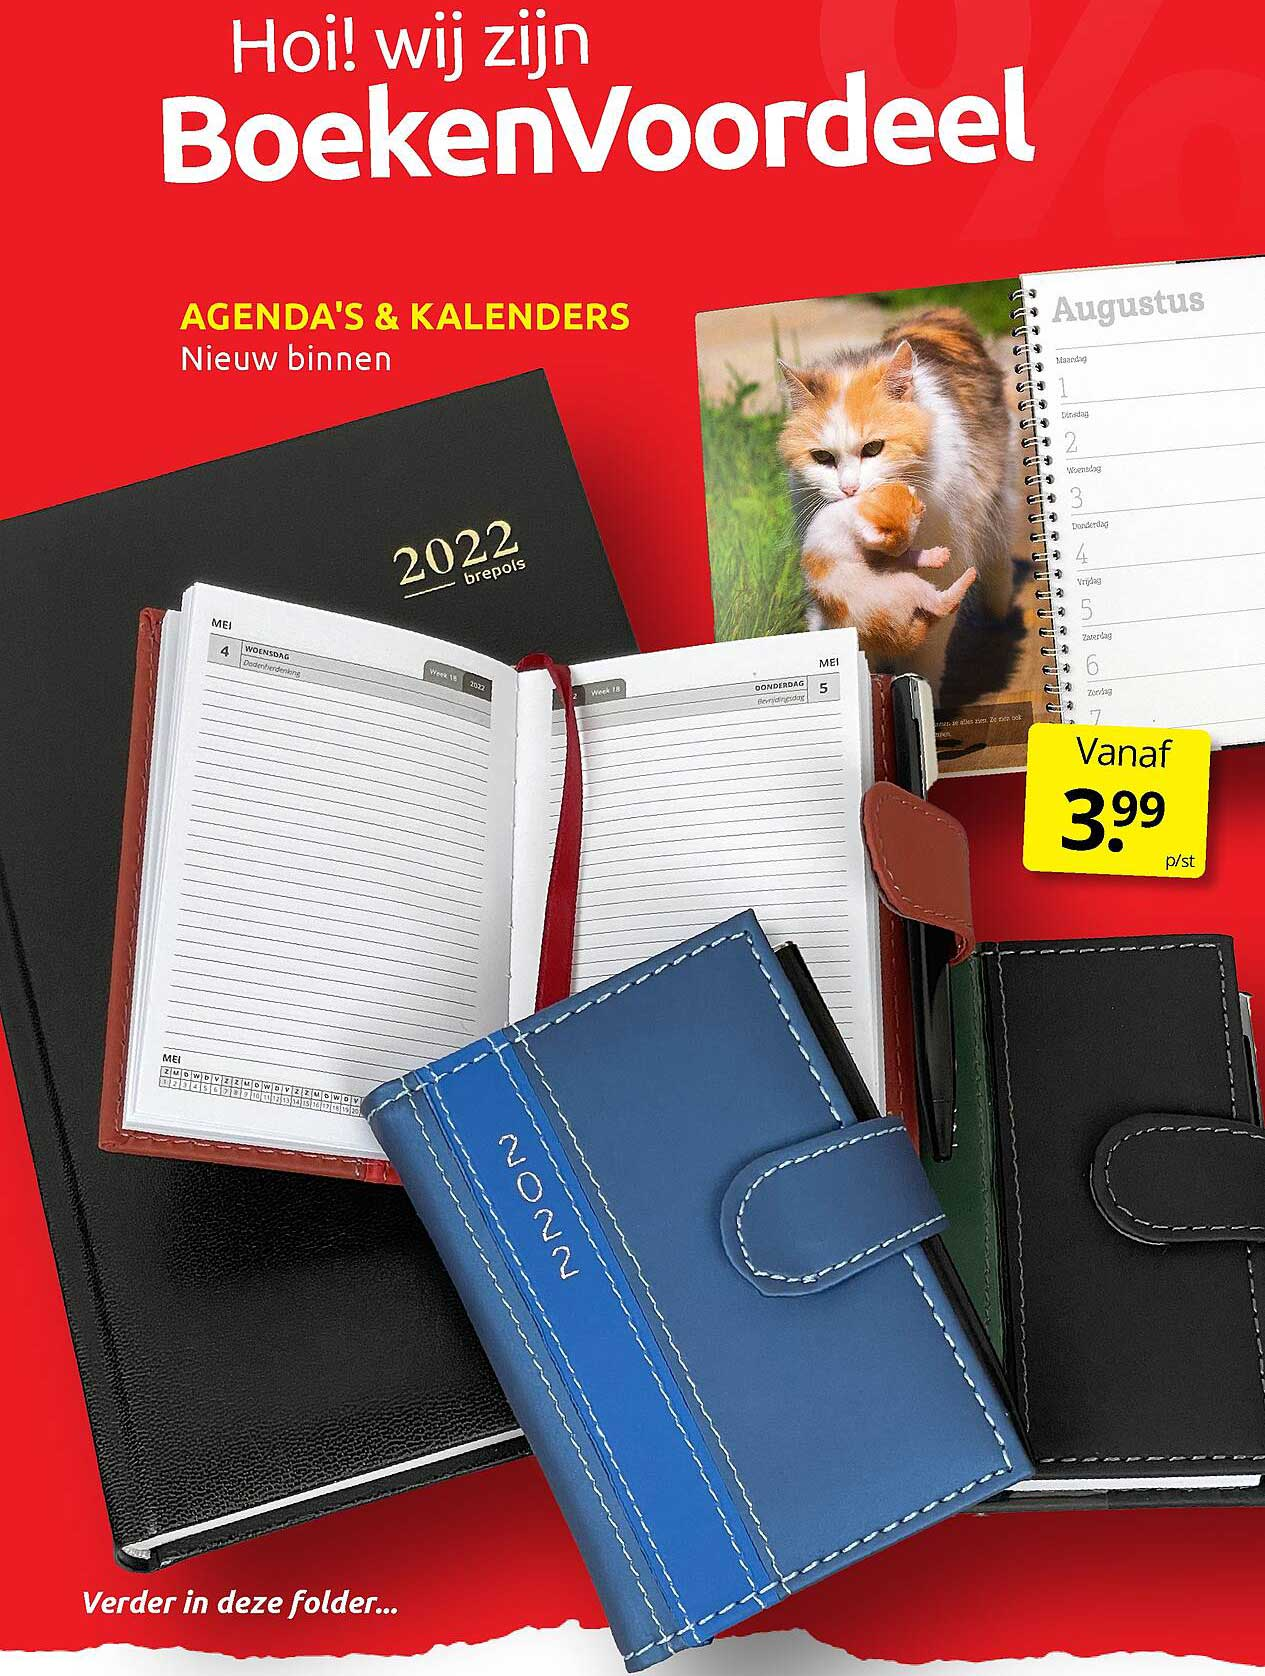 BoekenVoordeel Agenda's & Kalenders